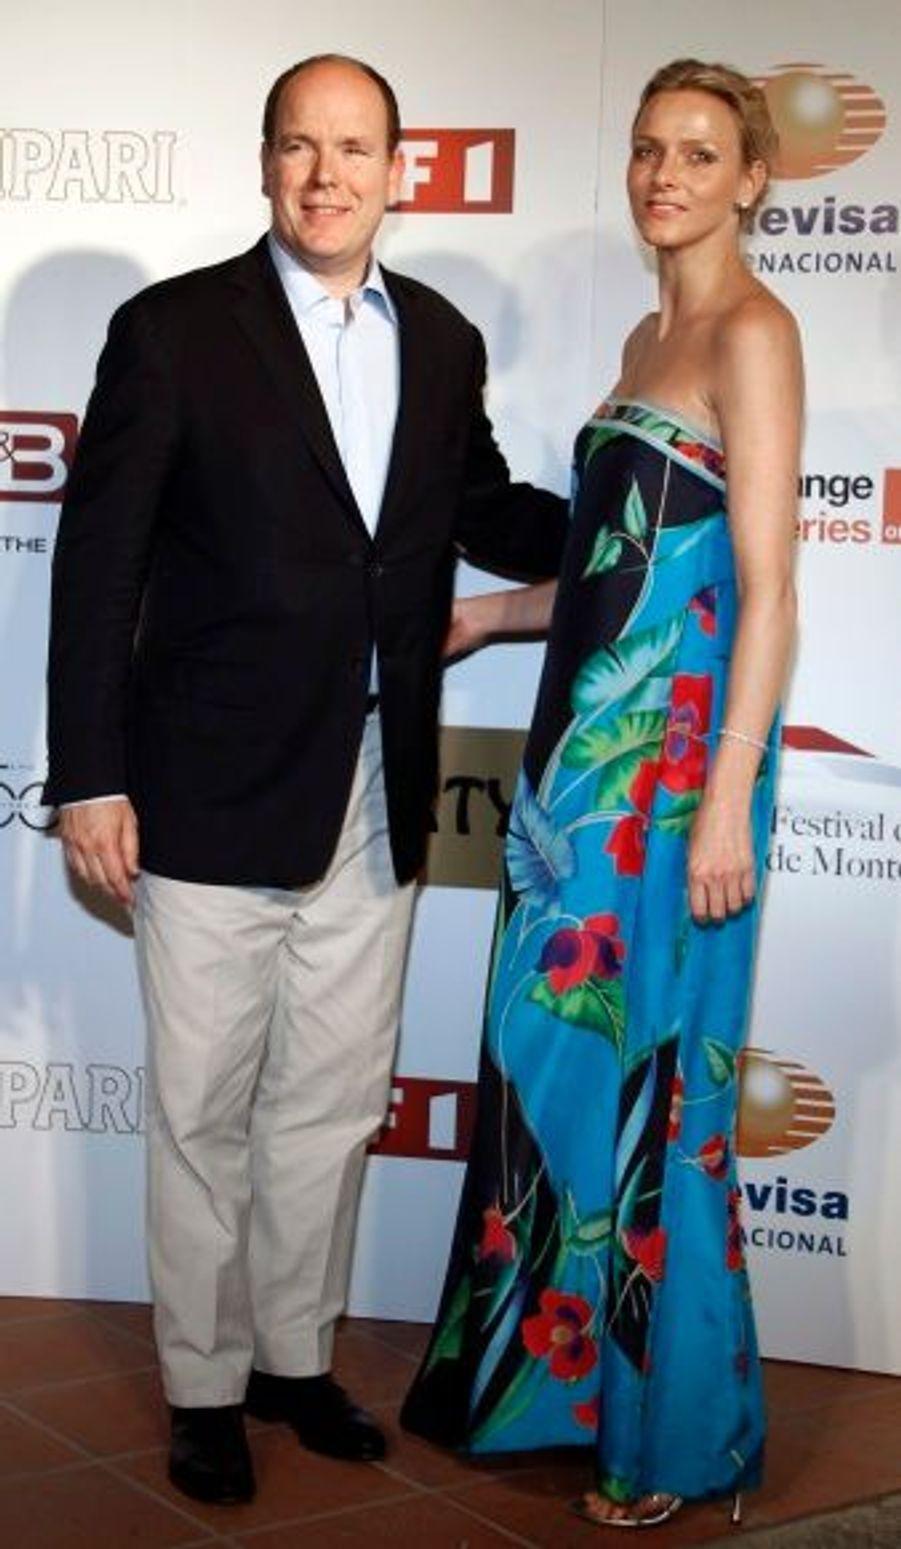 A l' occasion du 50ème anniversaire du Festival de Télévision de Monte Carlo en juin 2010, la future princesse portait une longue robe de mousseline aux motifs floraux. Le style bohème de la robe est apaisé par la coiffure délicatement tirée.